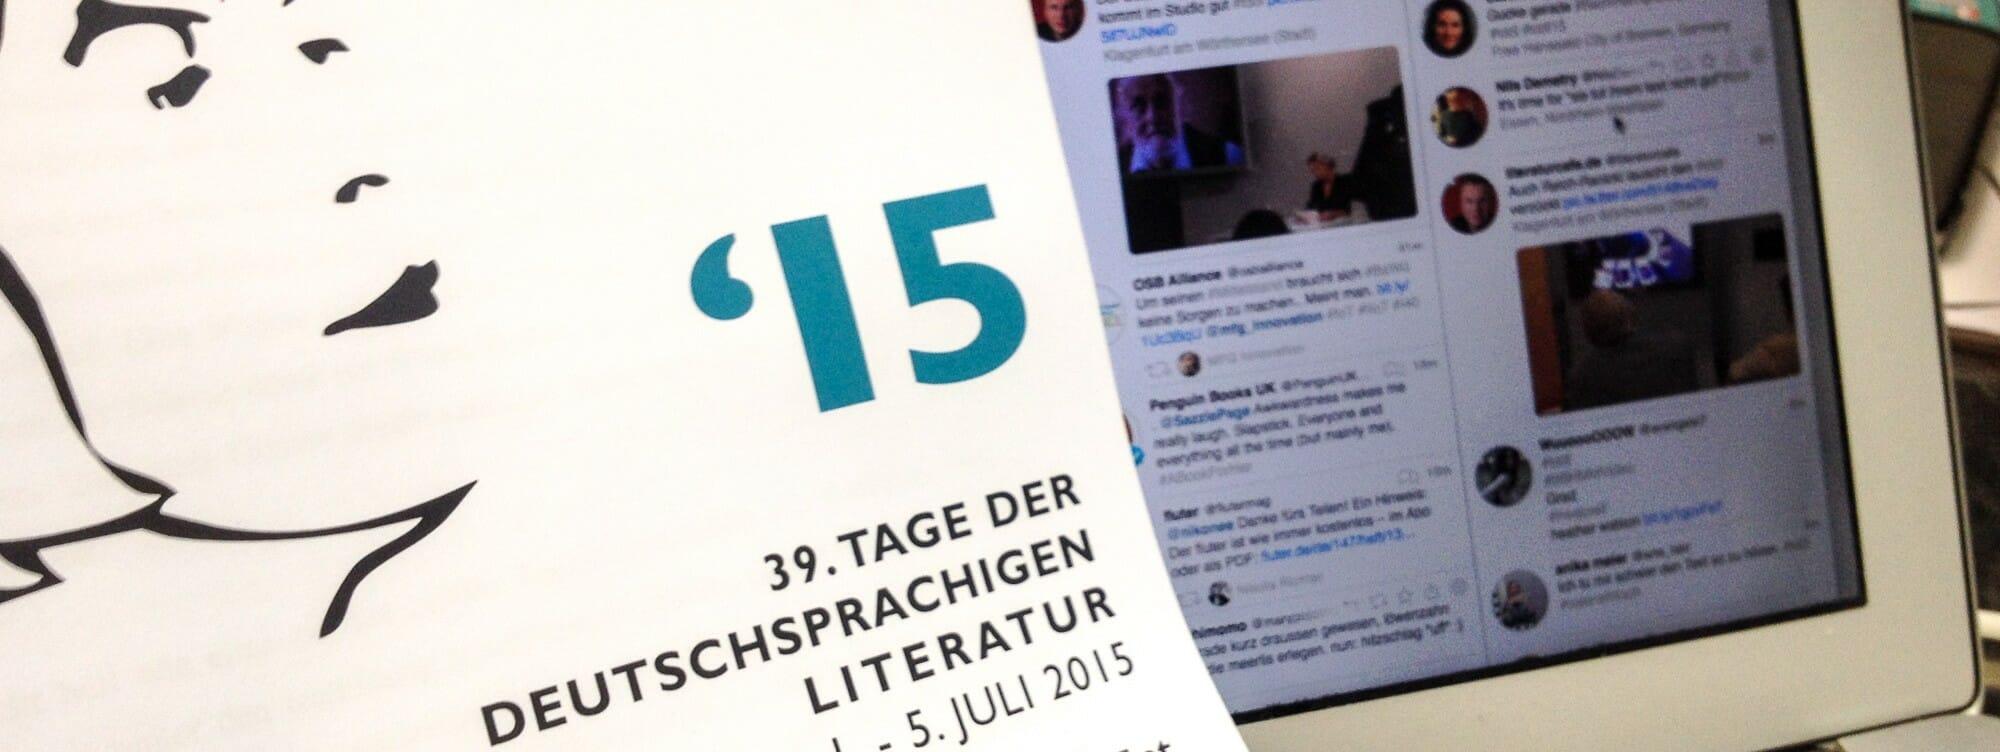 Live mit #tddl: Der Bachmannpreis 2015 auf Twitter